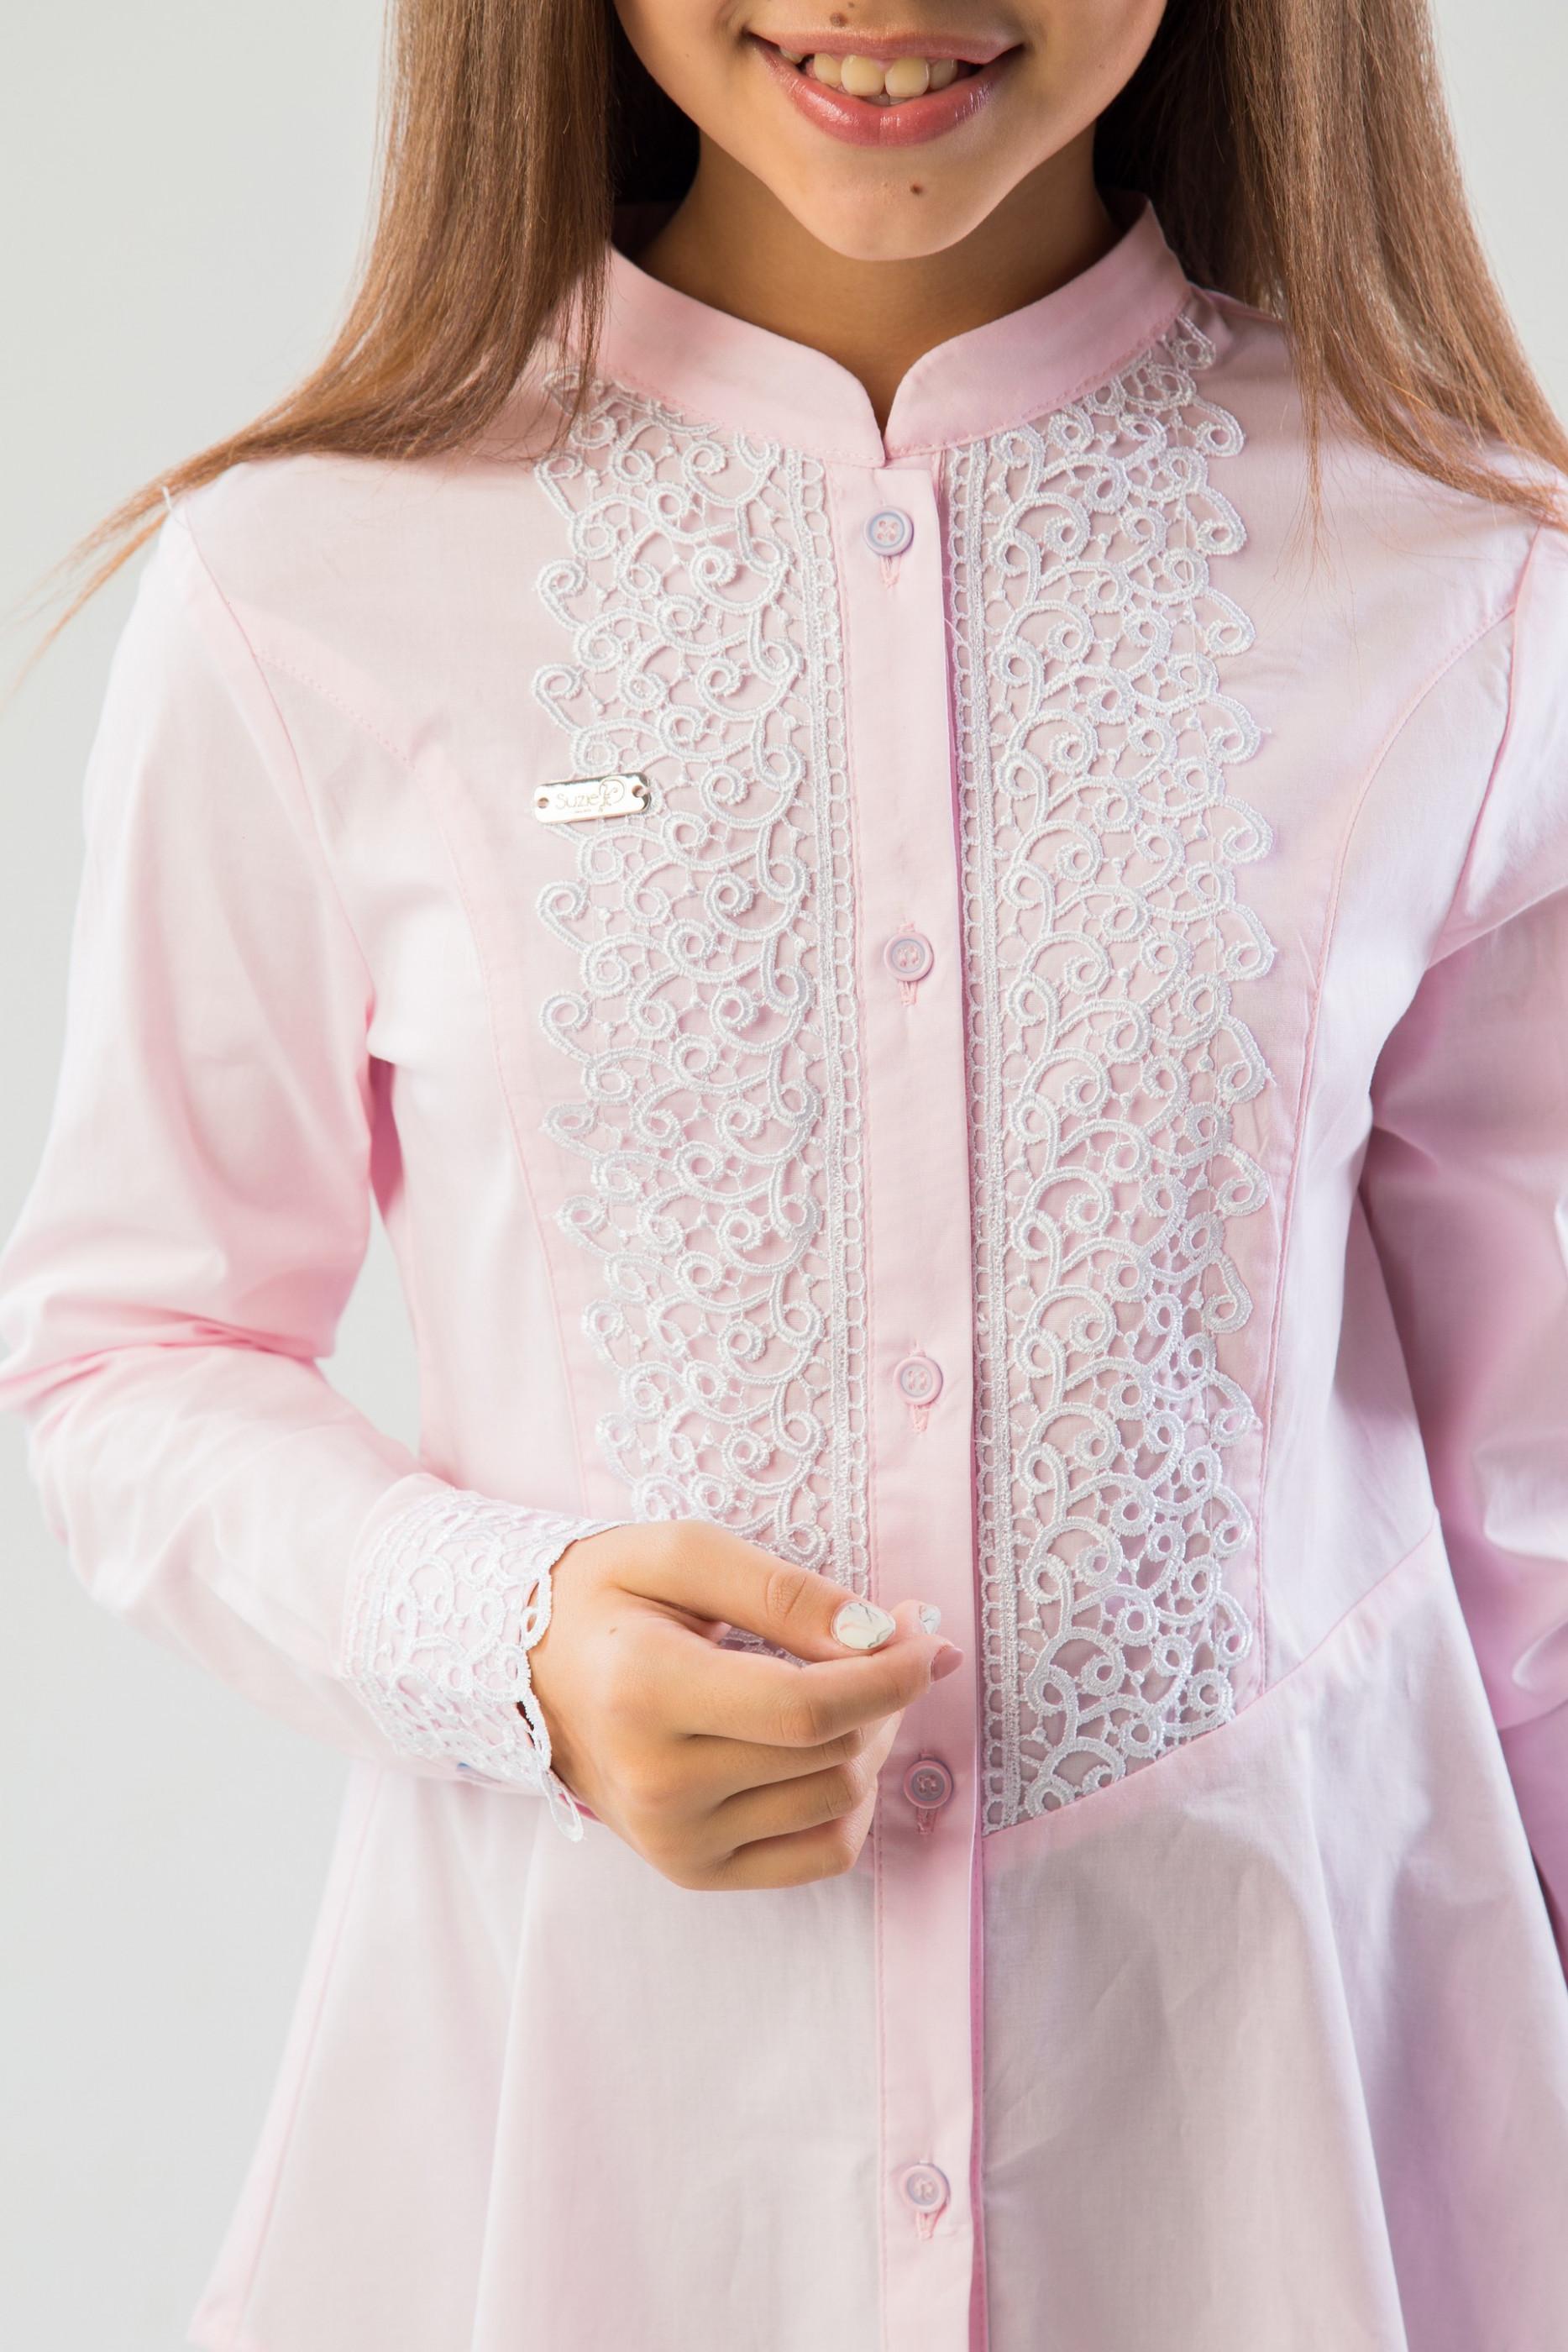 Рубашка Трініті, фото №2